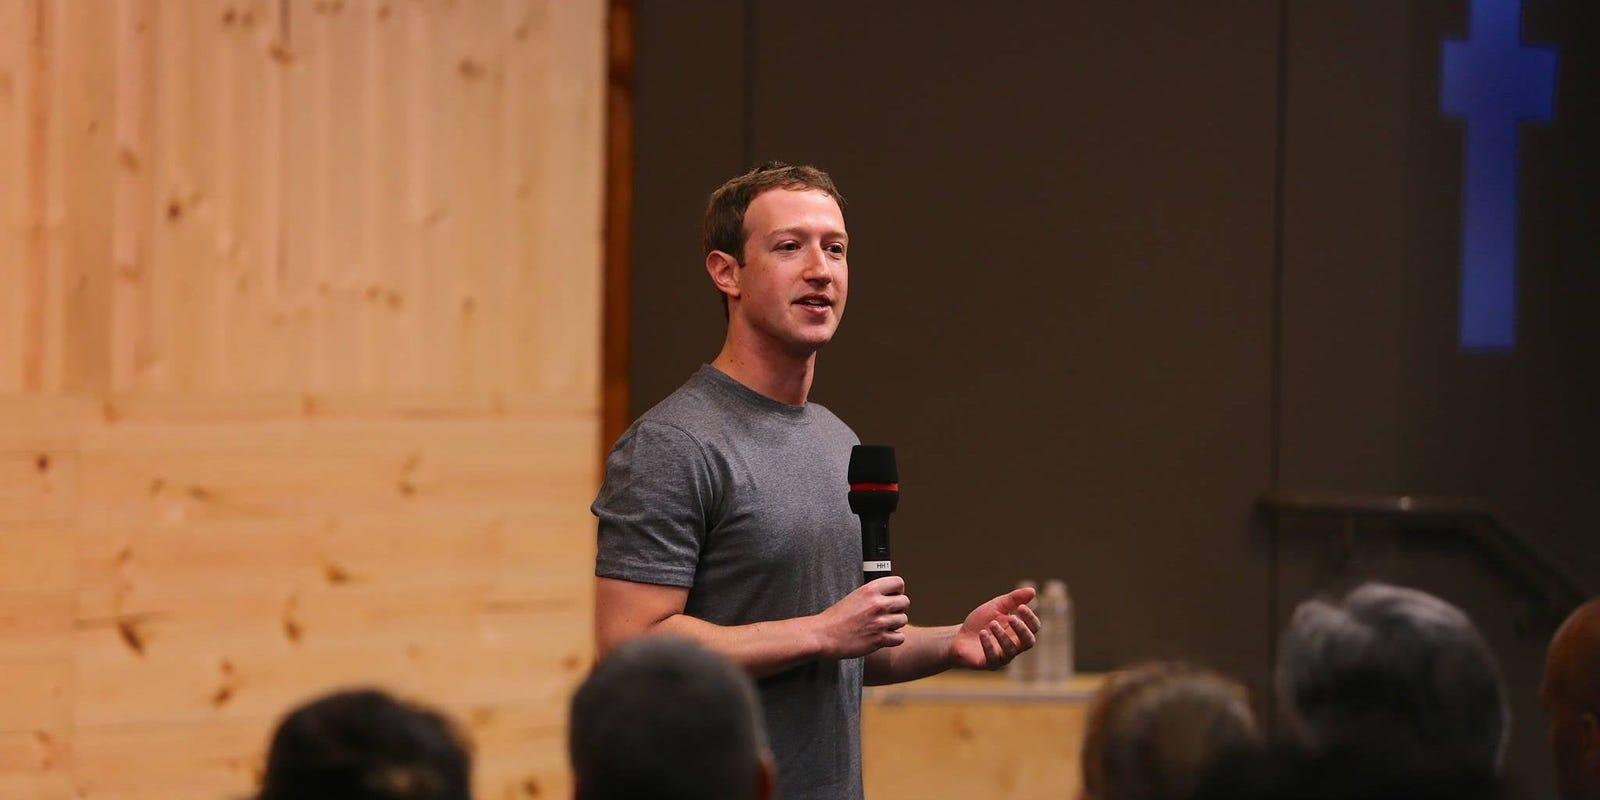 Facebook's Mark Zuckerberg defends how it handled Trump protest posts